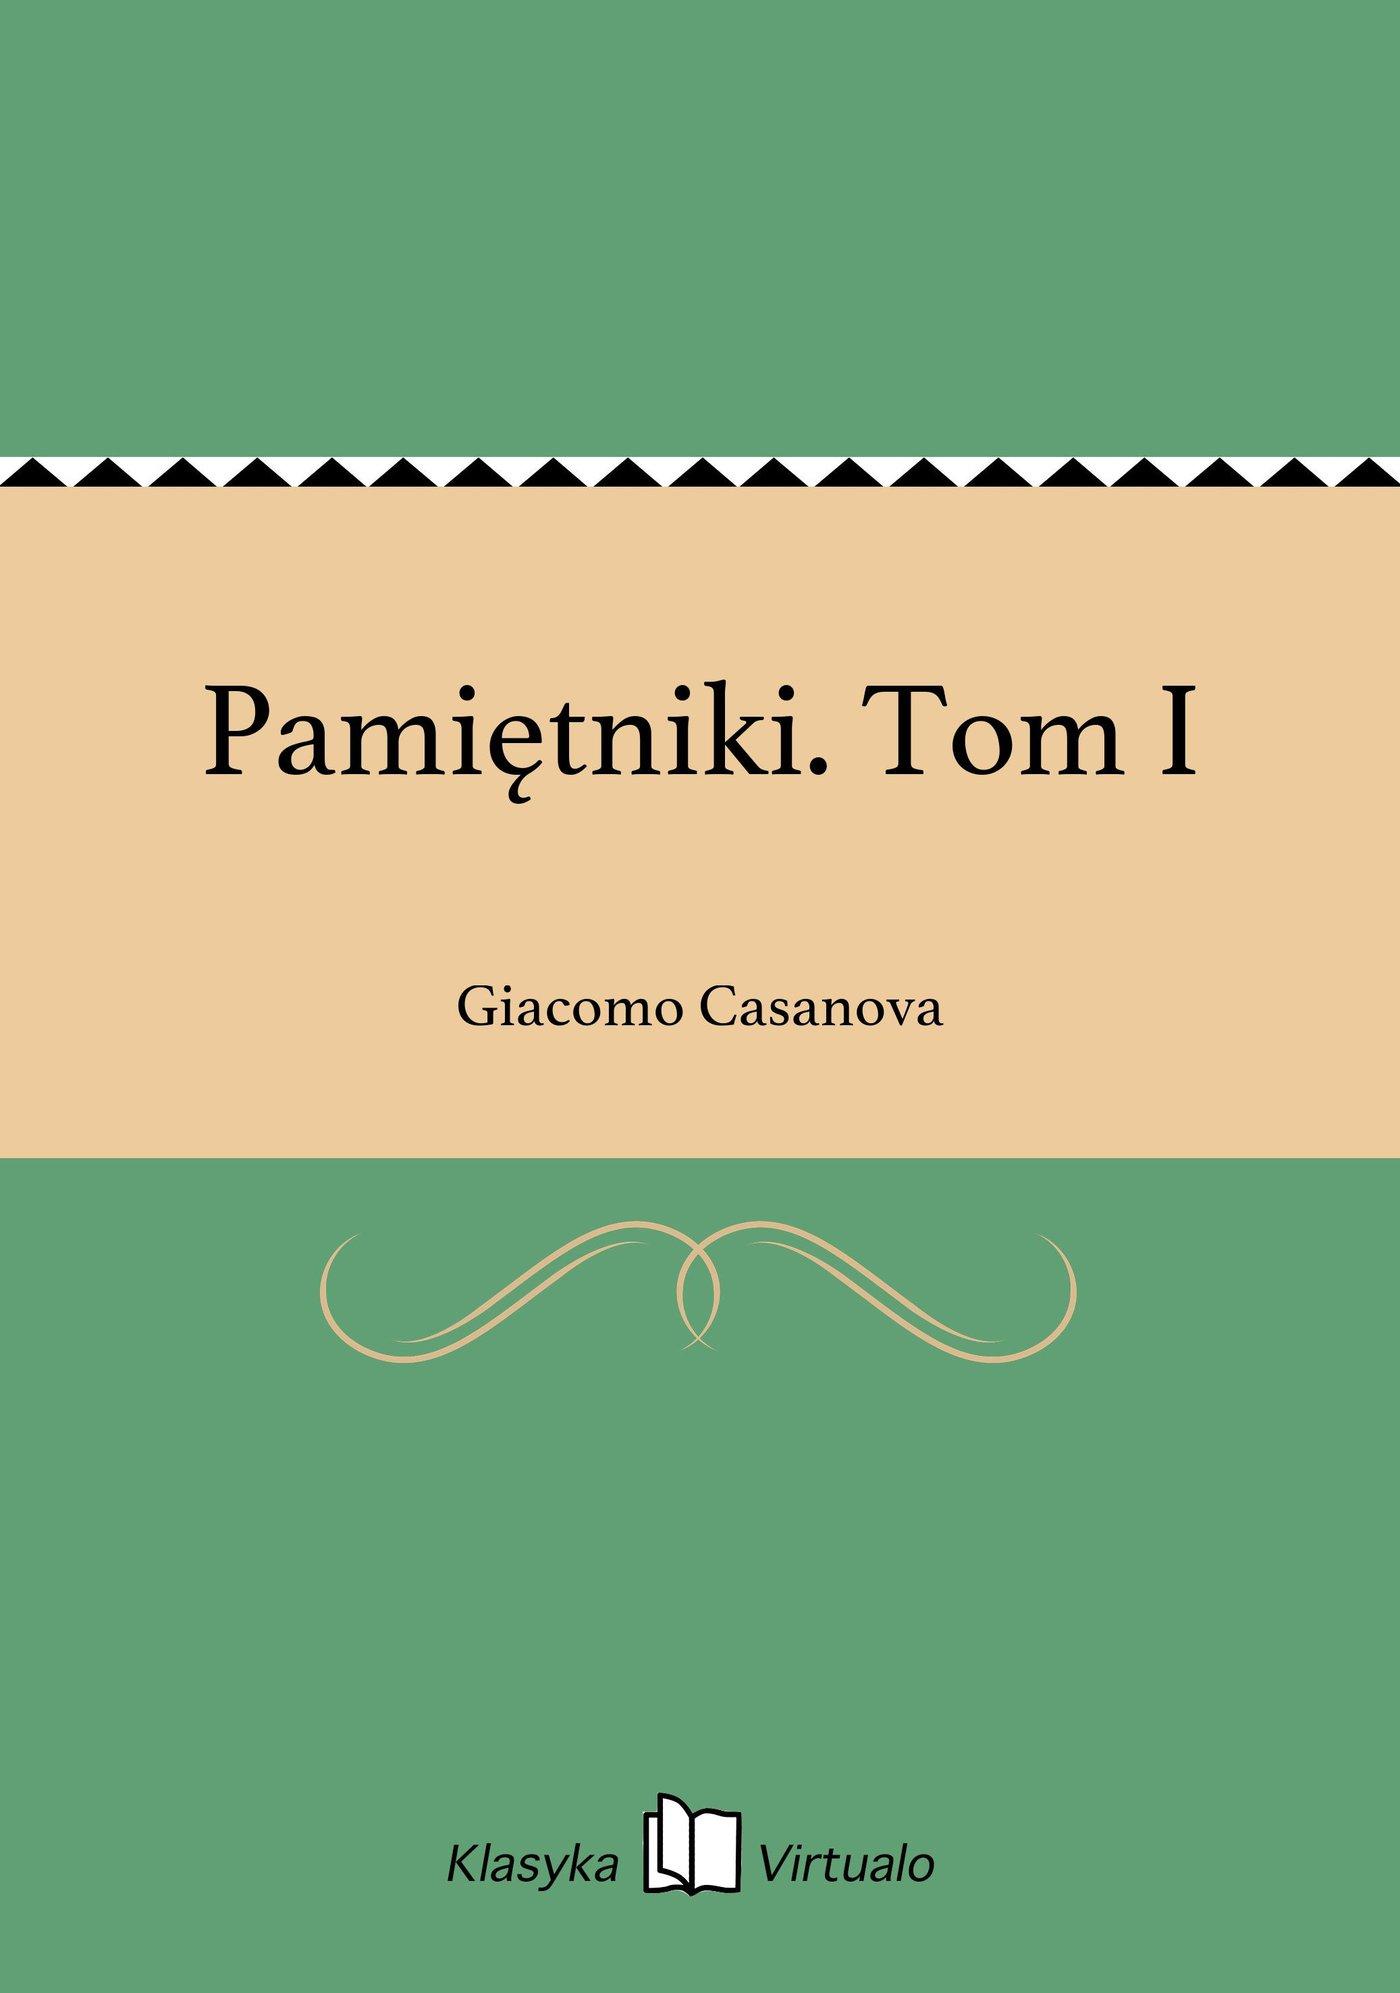 Pamiętniki. Tom I - Ebook (Książka EPUB) do pobrania w formacie EPUB